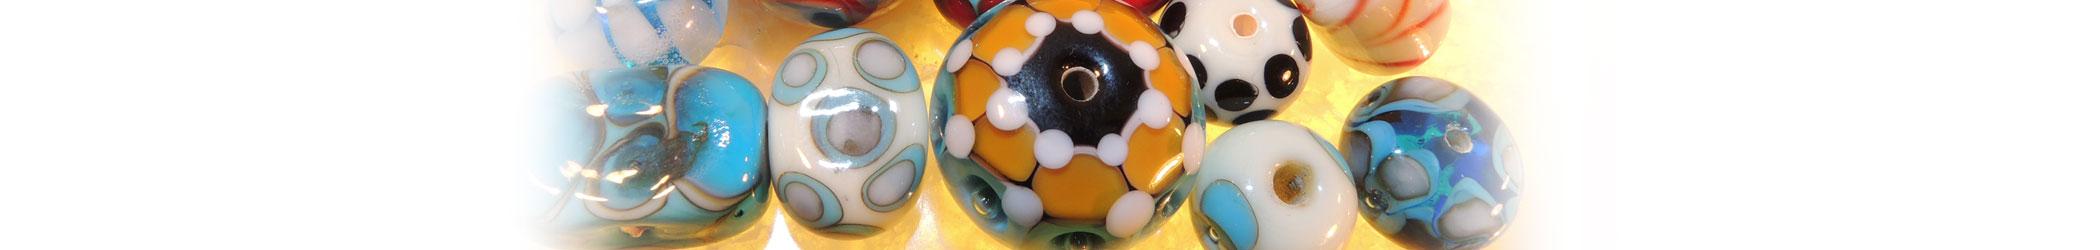 Coloratissime Collane in vetro di Murano con diverse lavorazioni